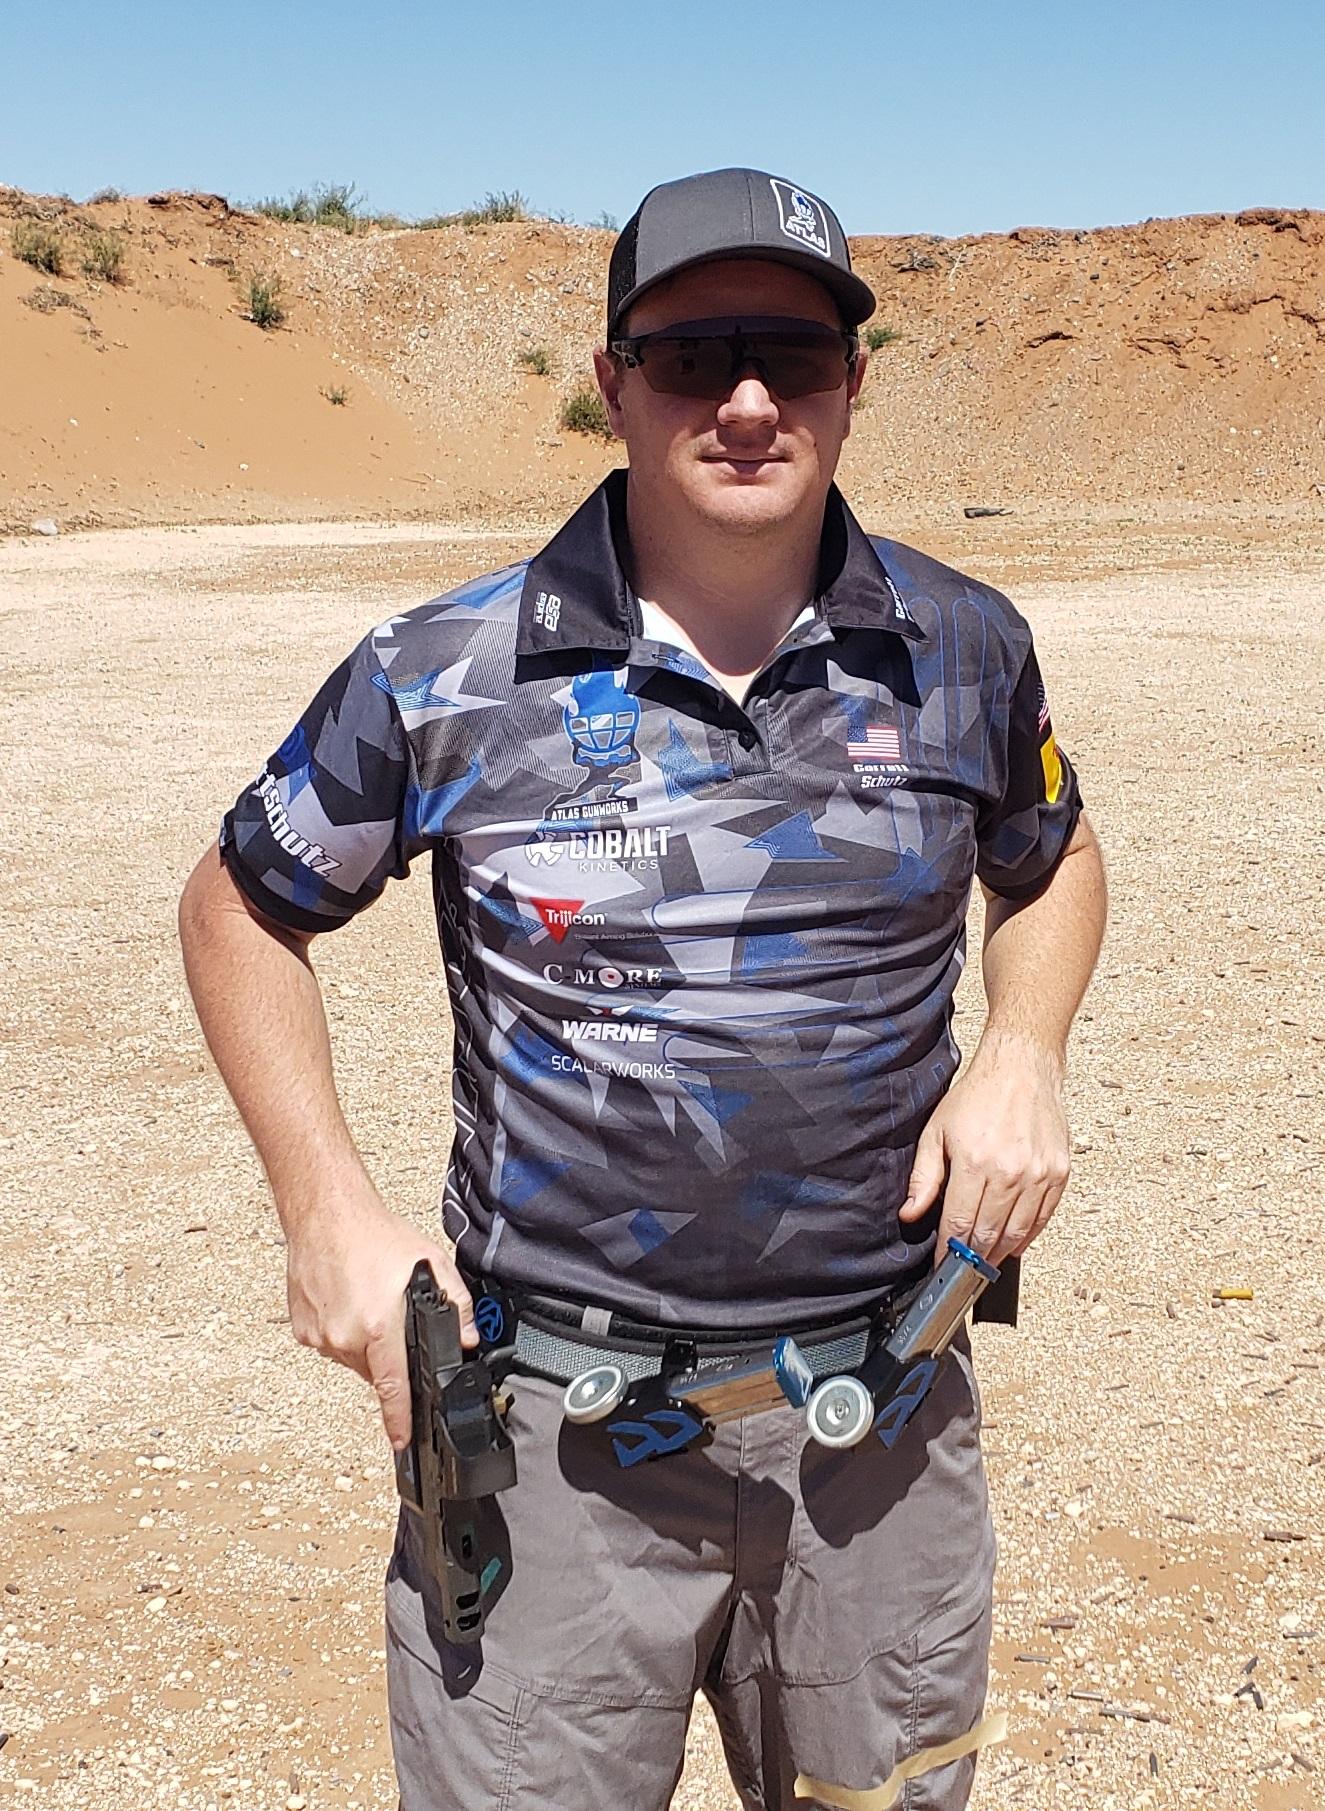 Shell Shock Technologies Signs Garrett Schutz as Newest Sponsored Shooter